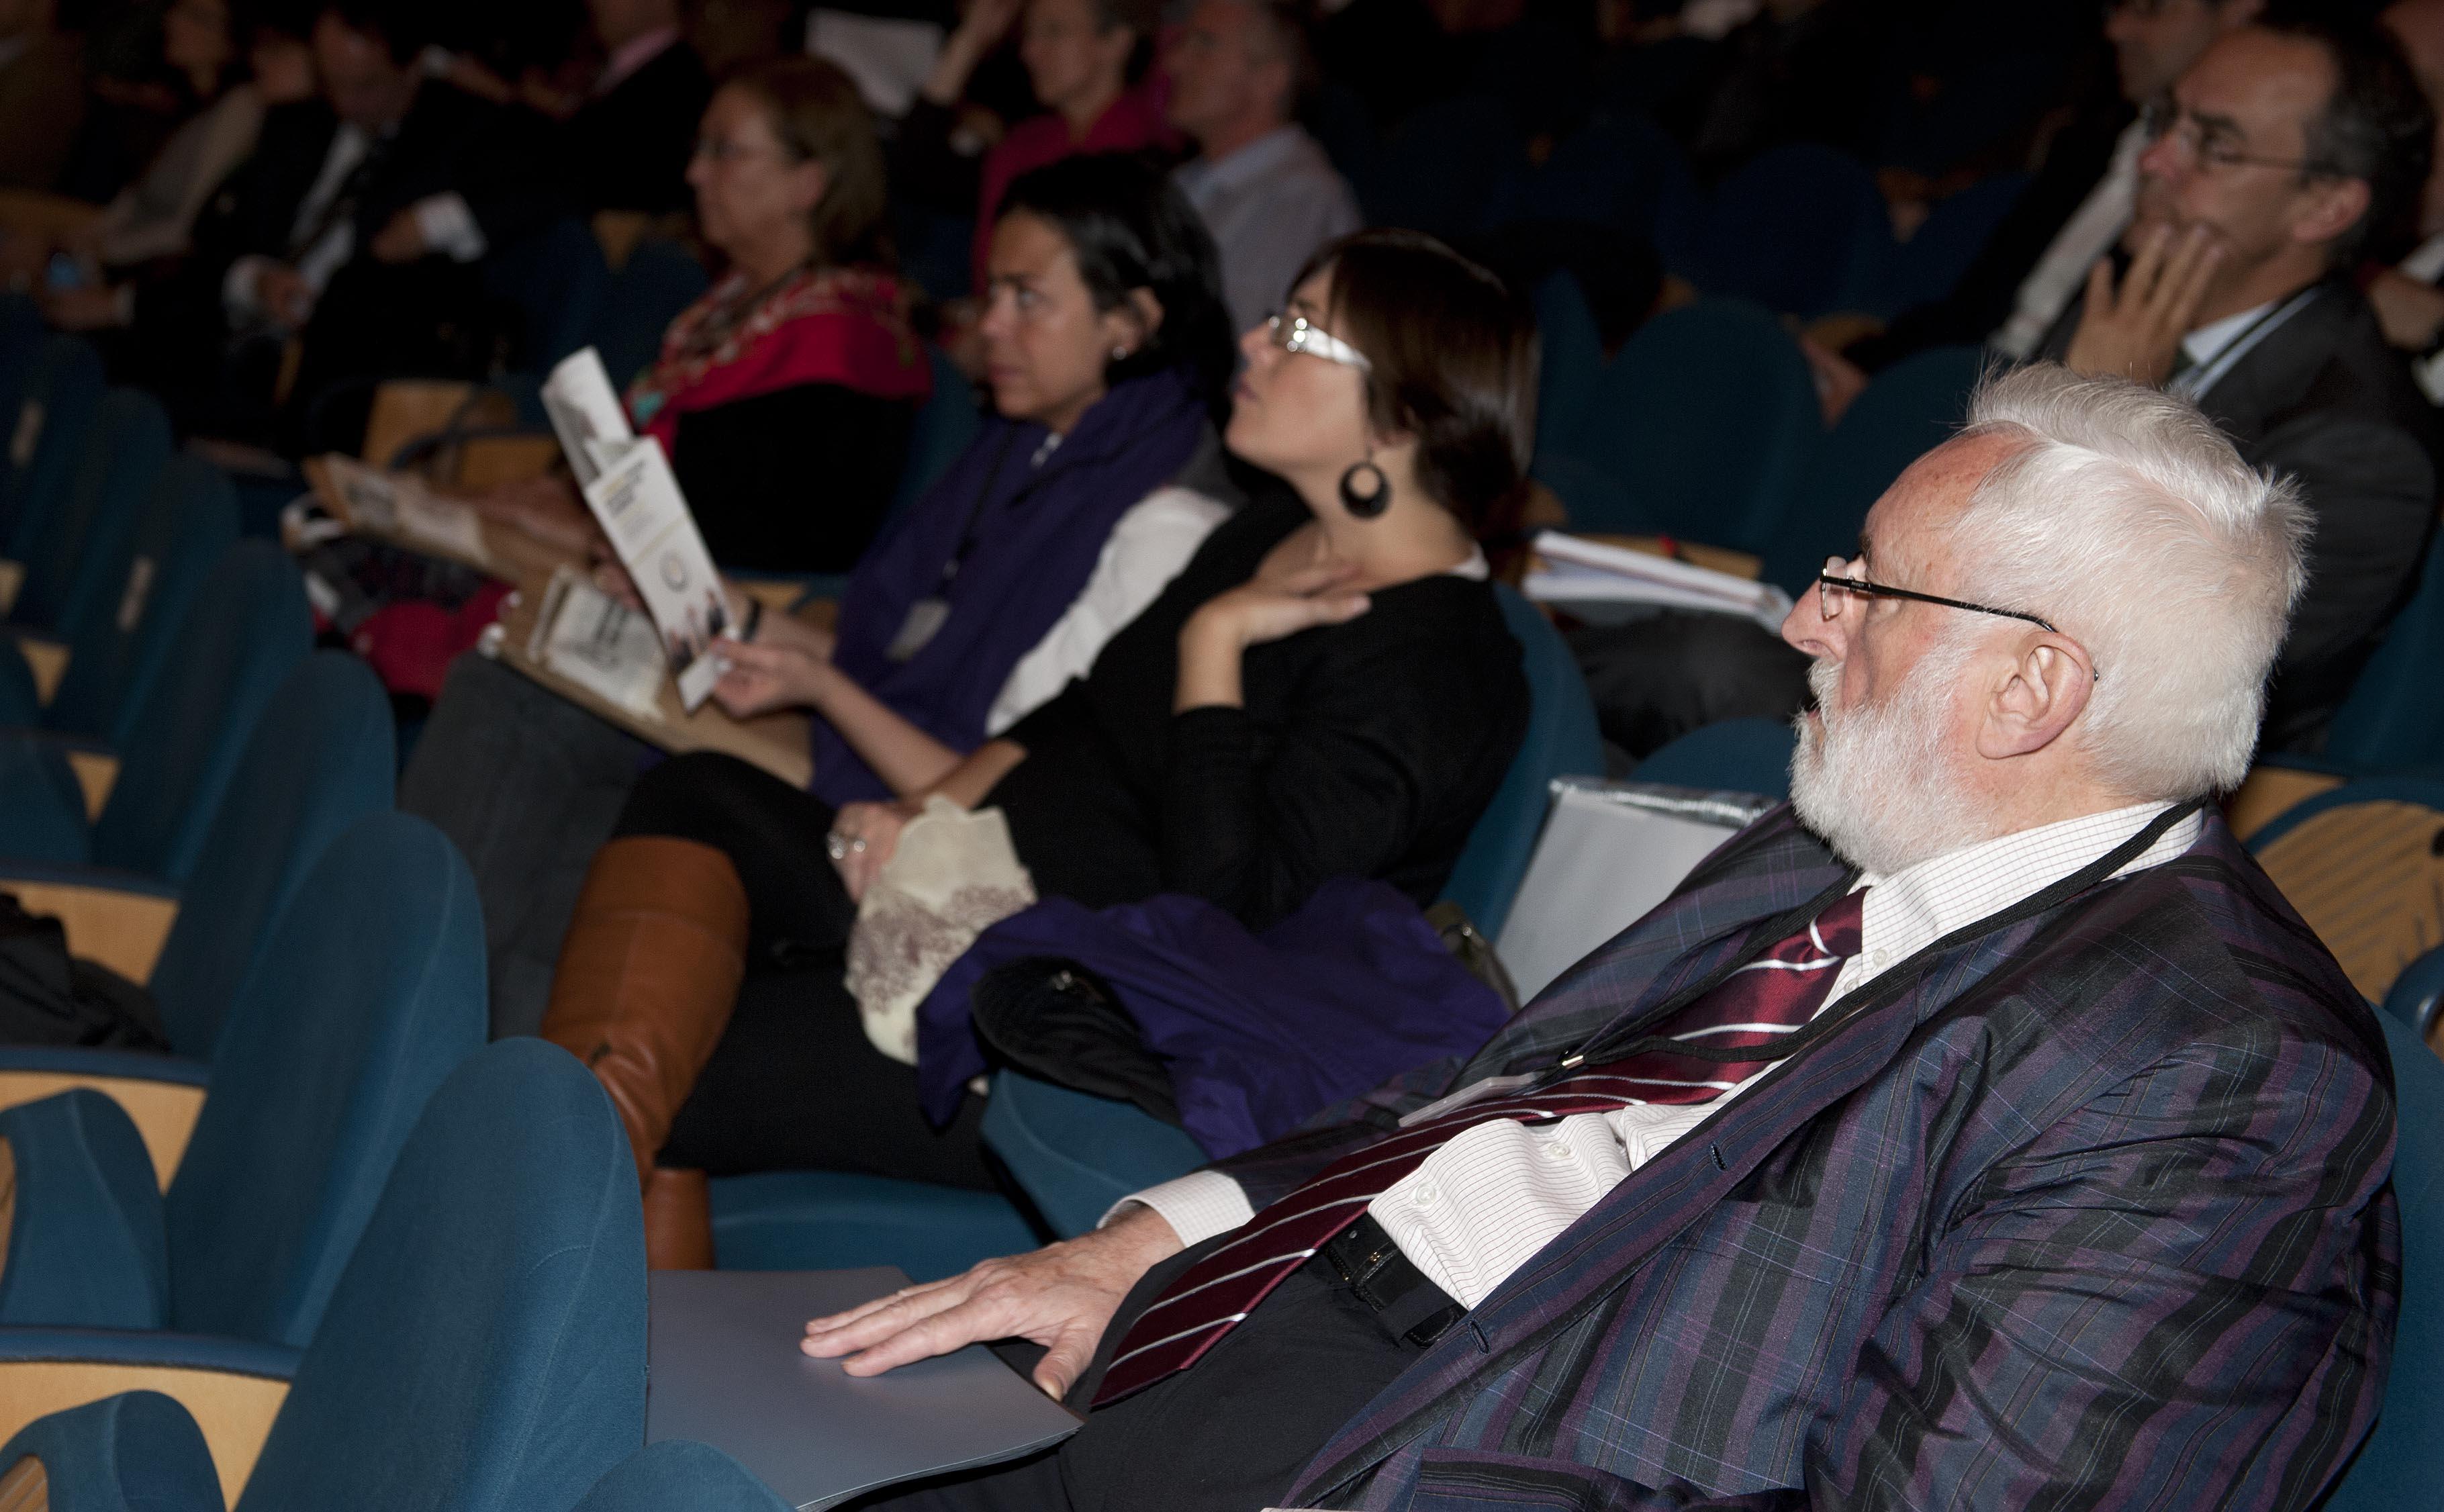 2011_11_15_zabaleta_congreso_racionalizar_horarios9.jpg